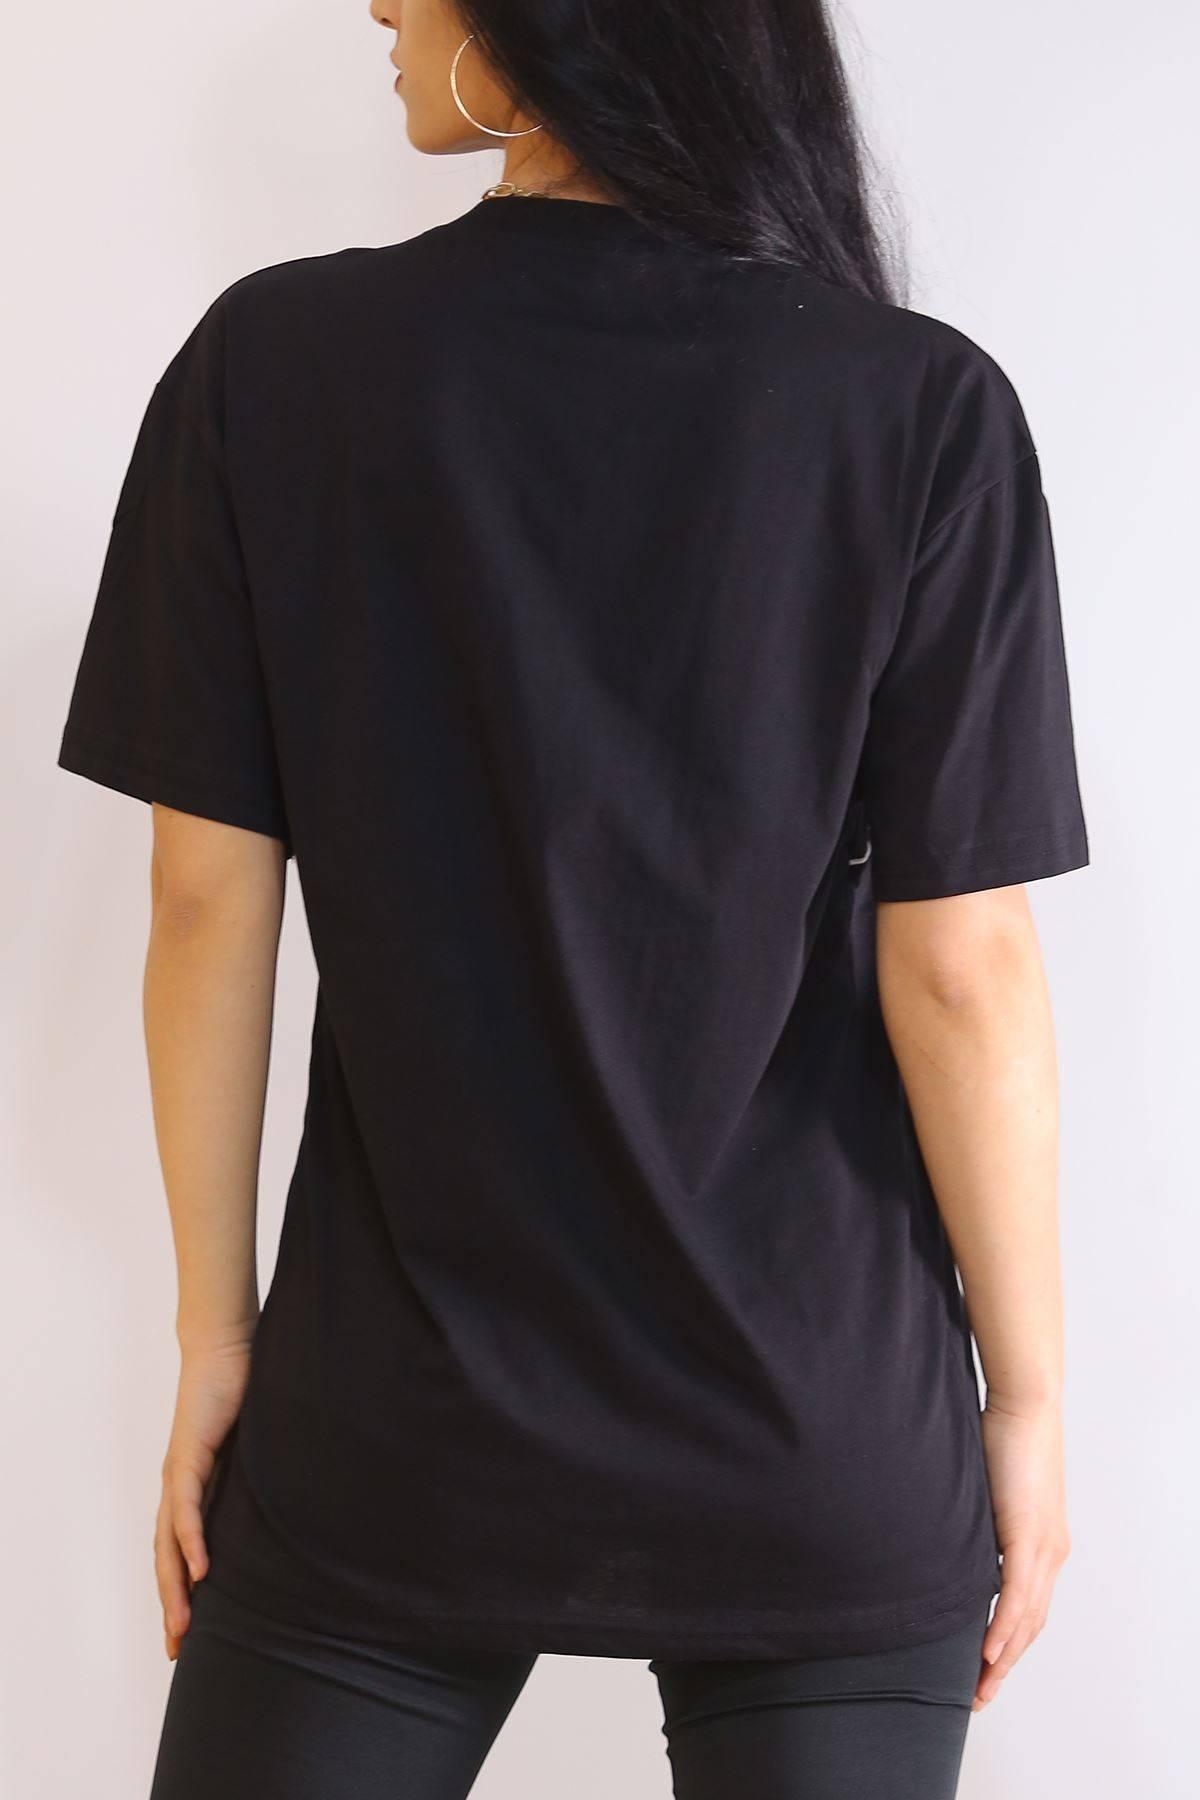 Biyeli Nakışlı Tişört Siyah - 6183.1377.